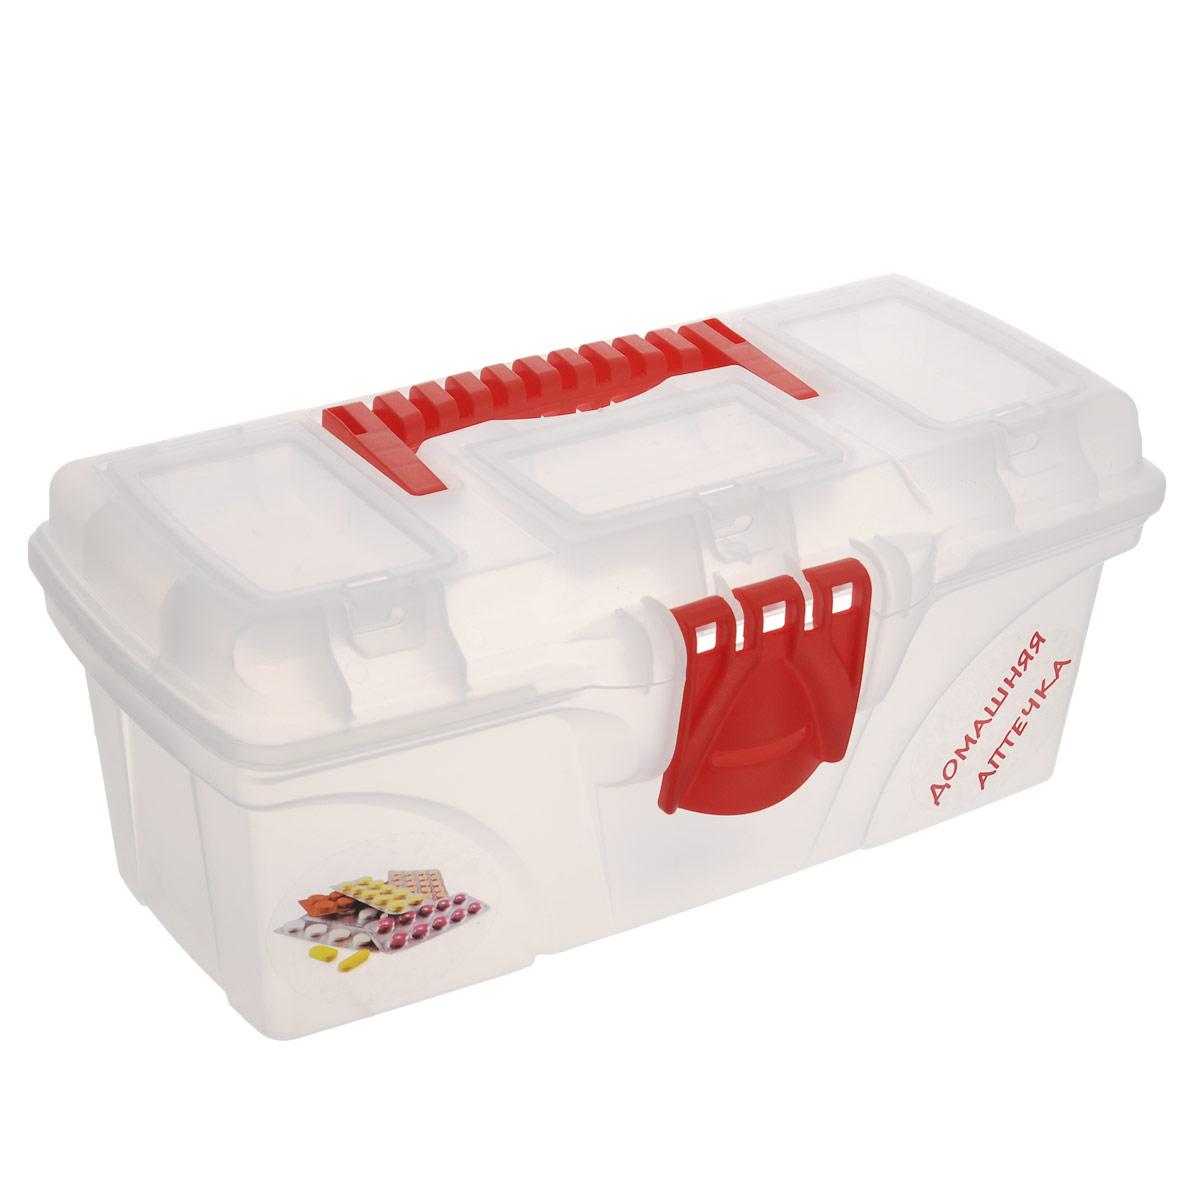 Ящик для лекарств Idea Домашняя аптечка, 32 х 16,5 х 13,5 см стоимость аптечка